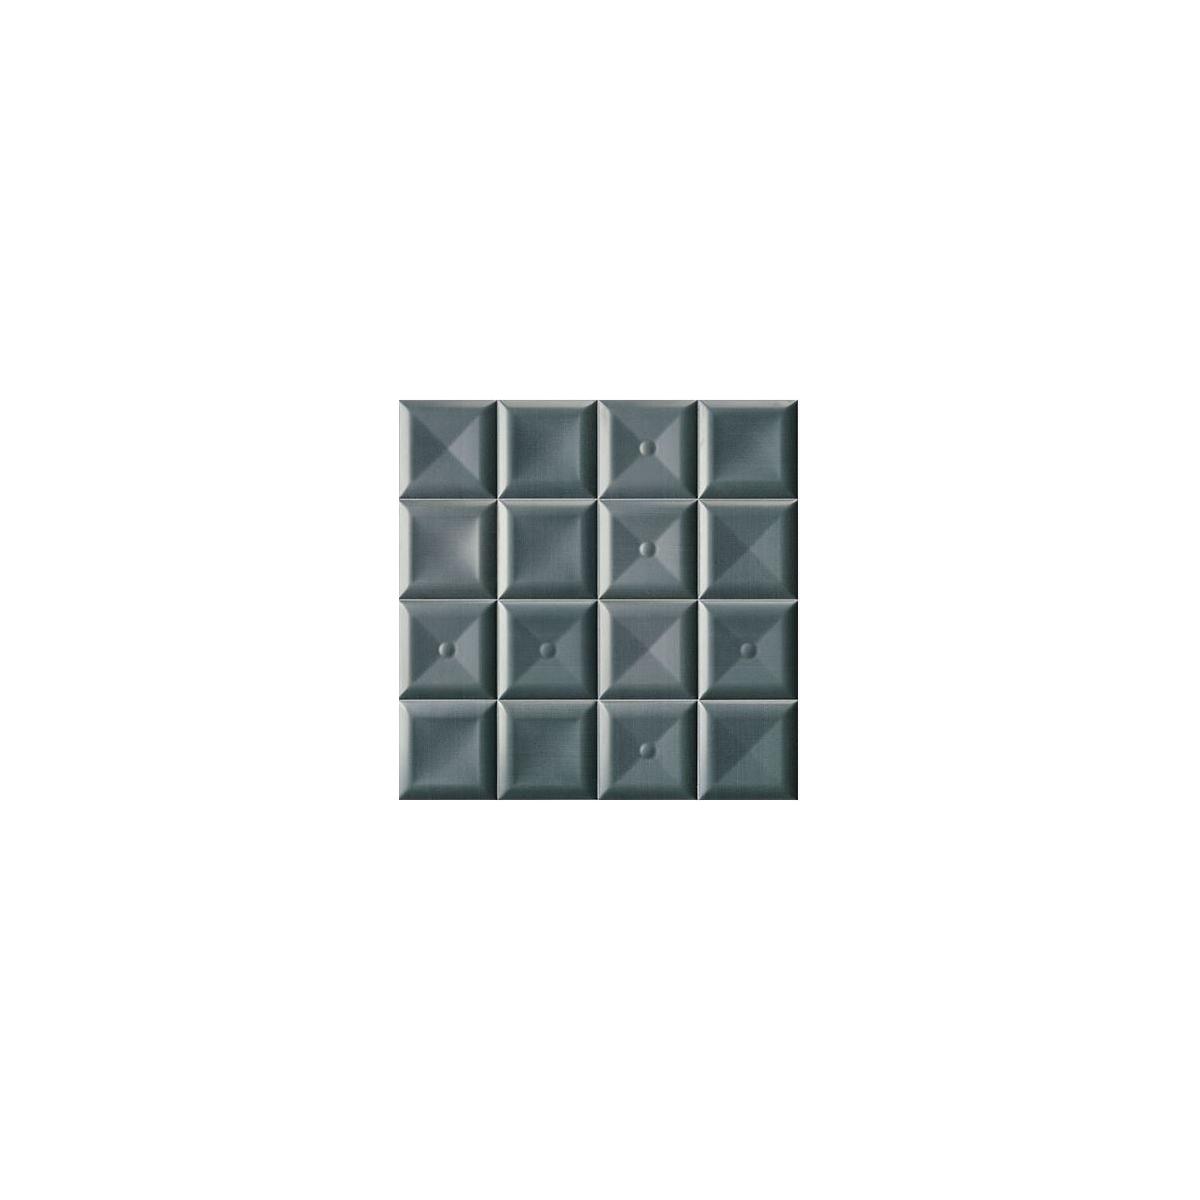 Base Fushion blu (m2) - Colección Pillow Mainzu - Marca Mainzu